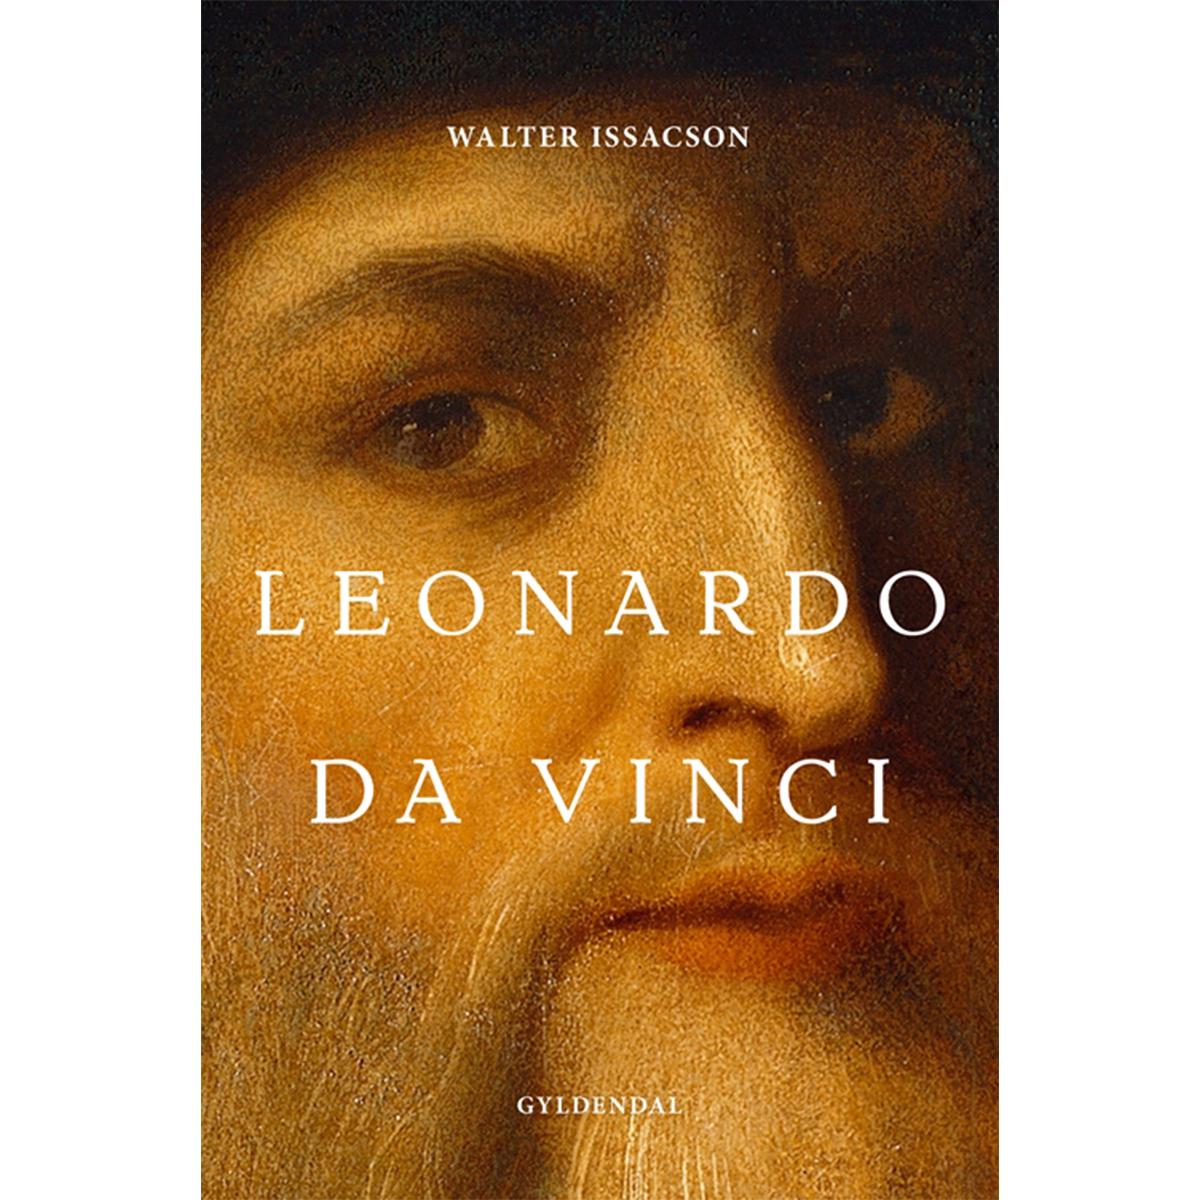 Leonardo da Vinci - Indbundet